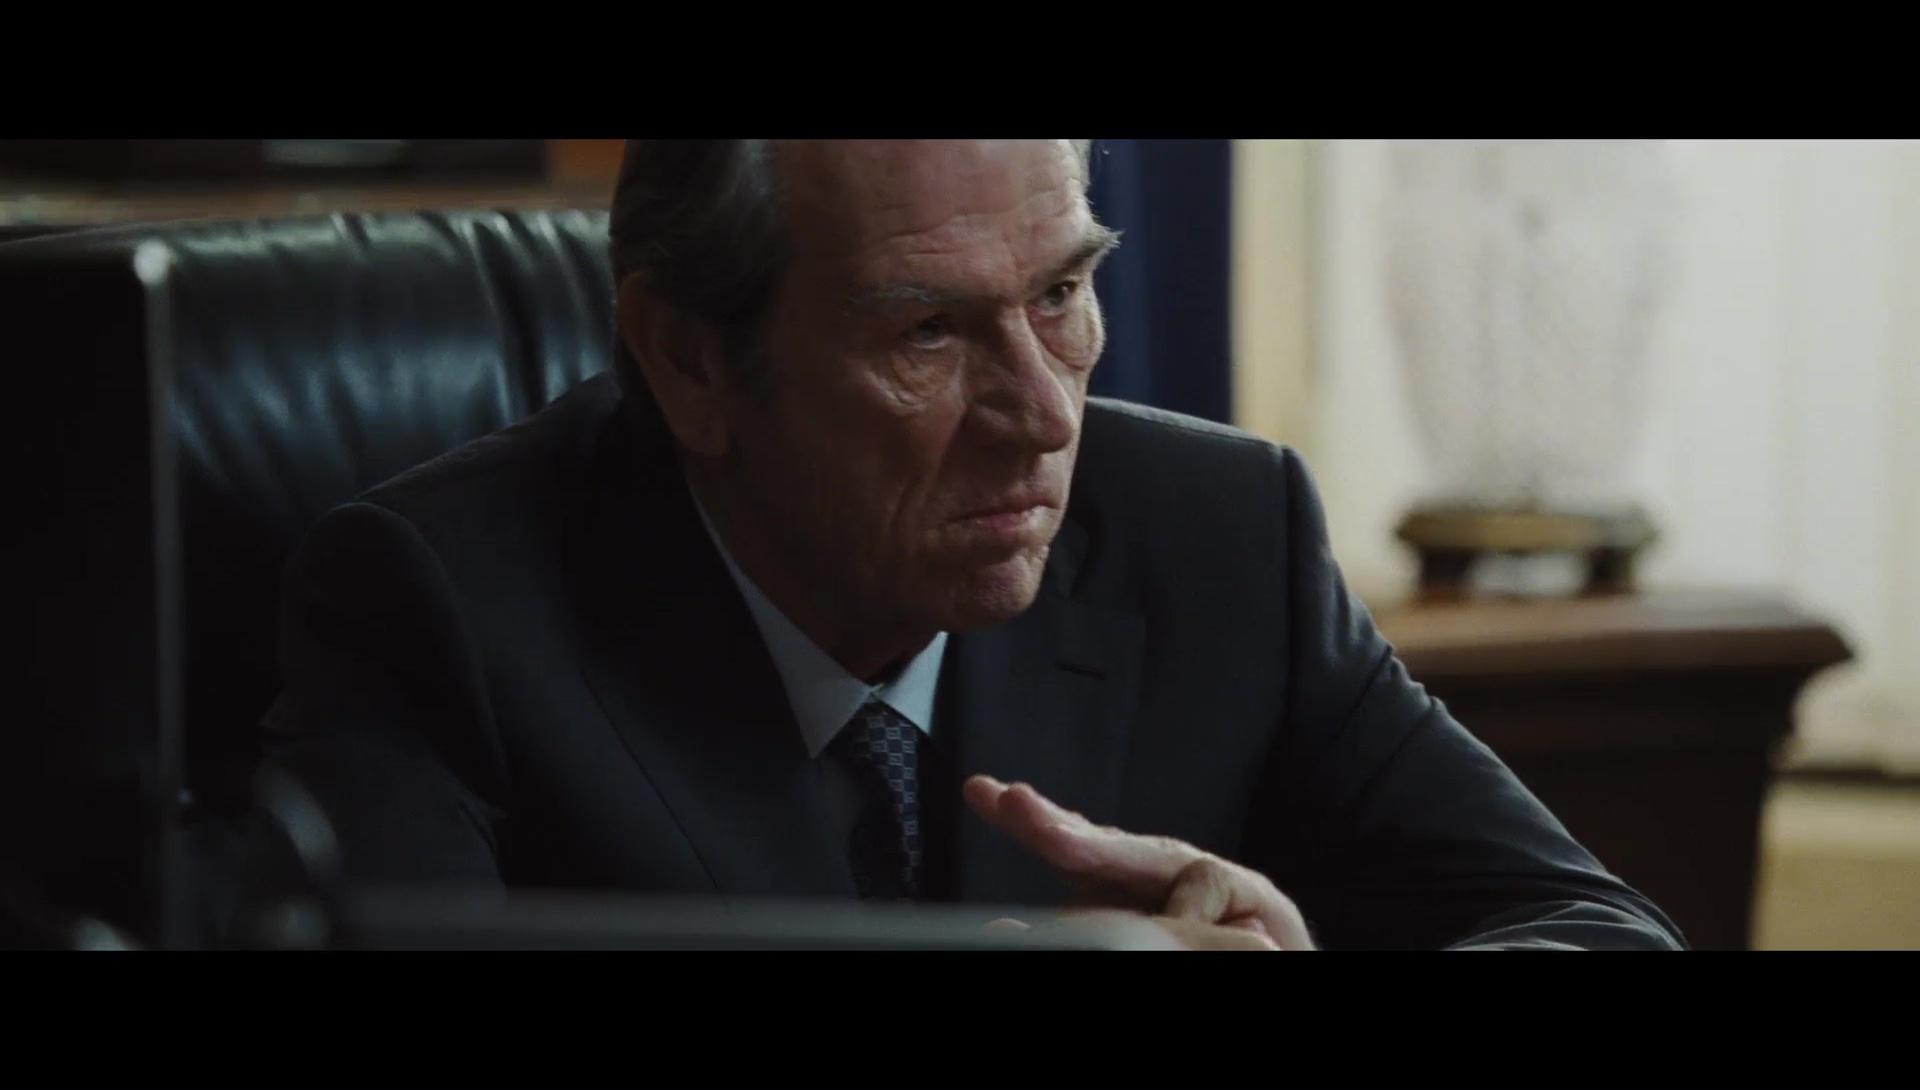 Jason Bourne HD1080p Lat-Cast-Ing 5.1 (2016)